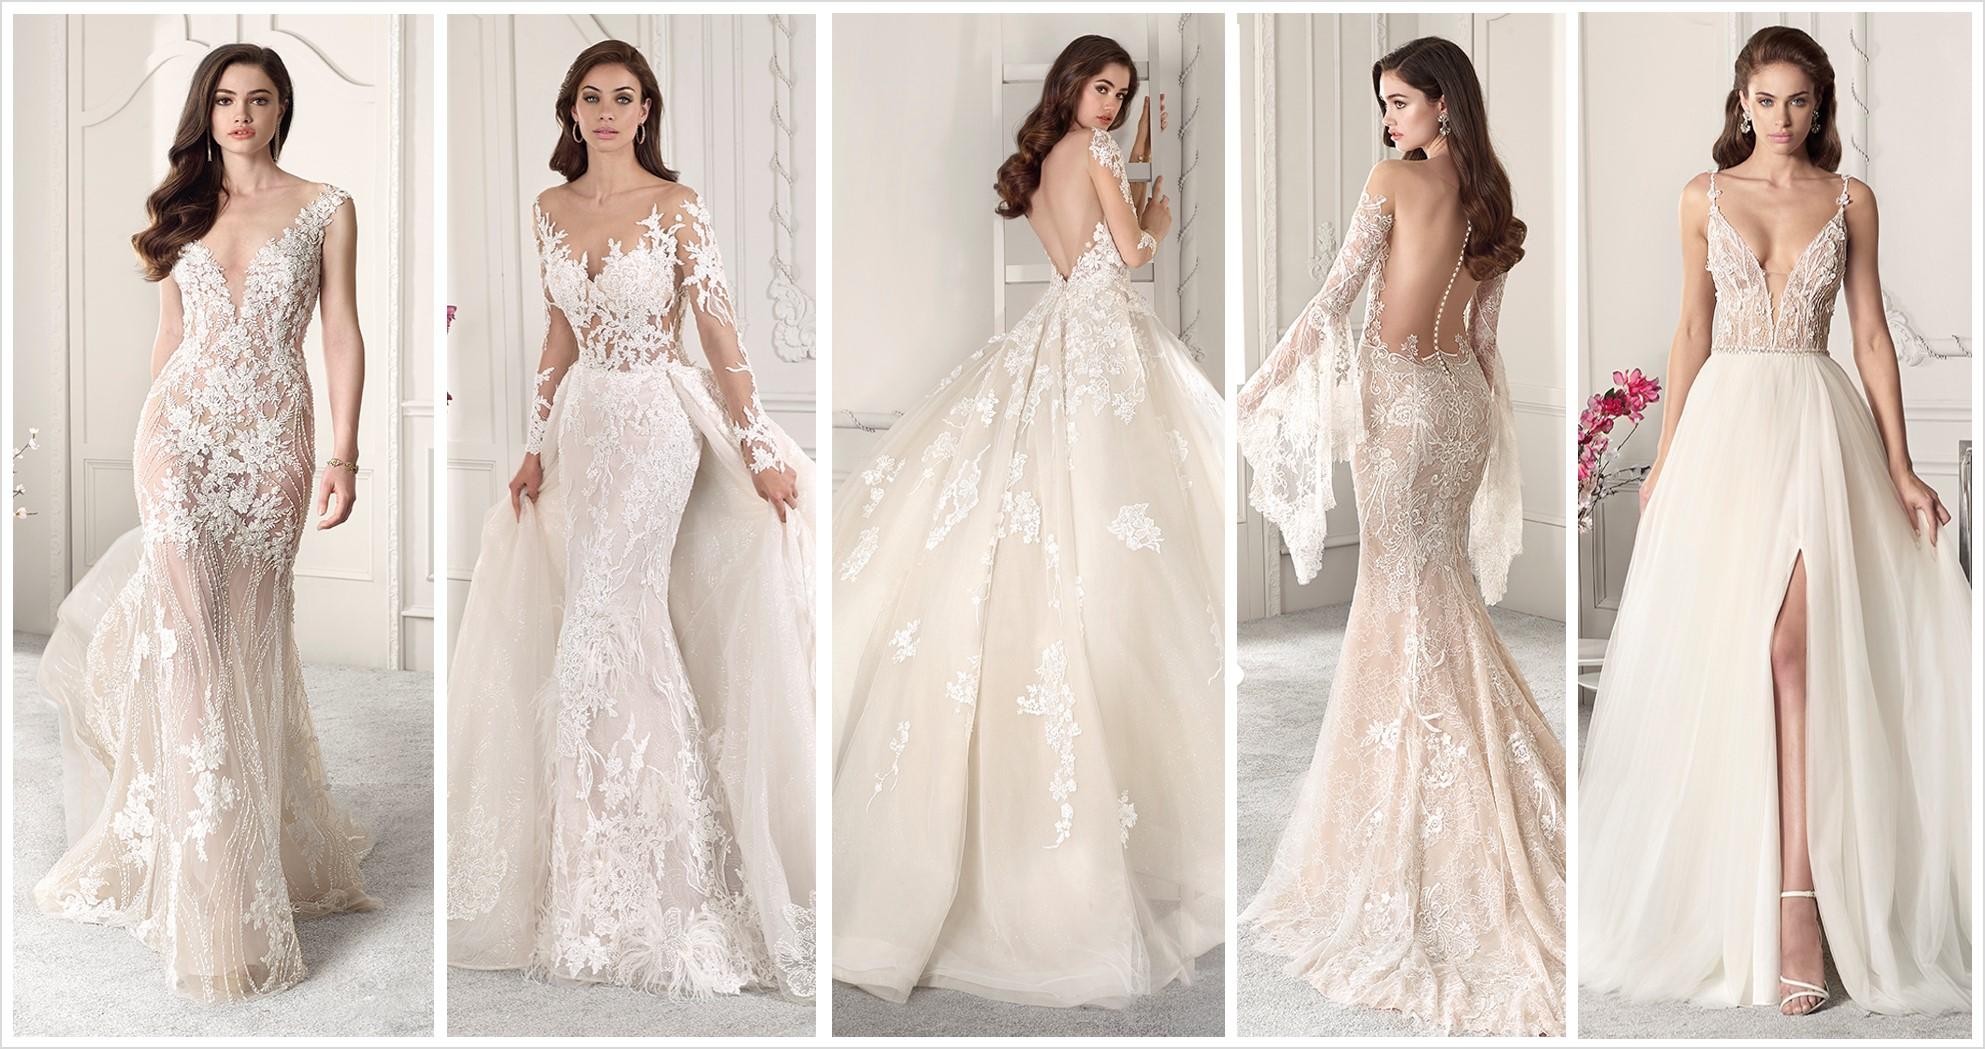 Demetrios Wedding Gowns: Wedding Dresses